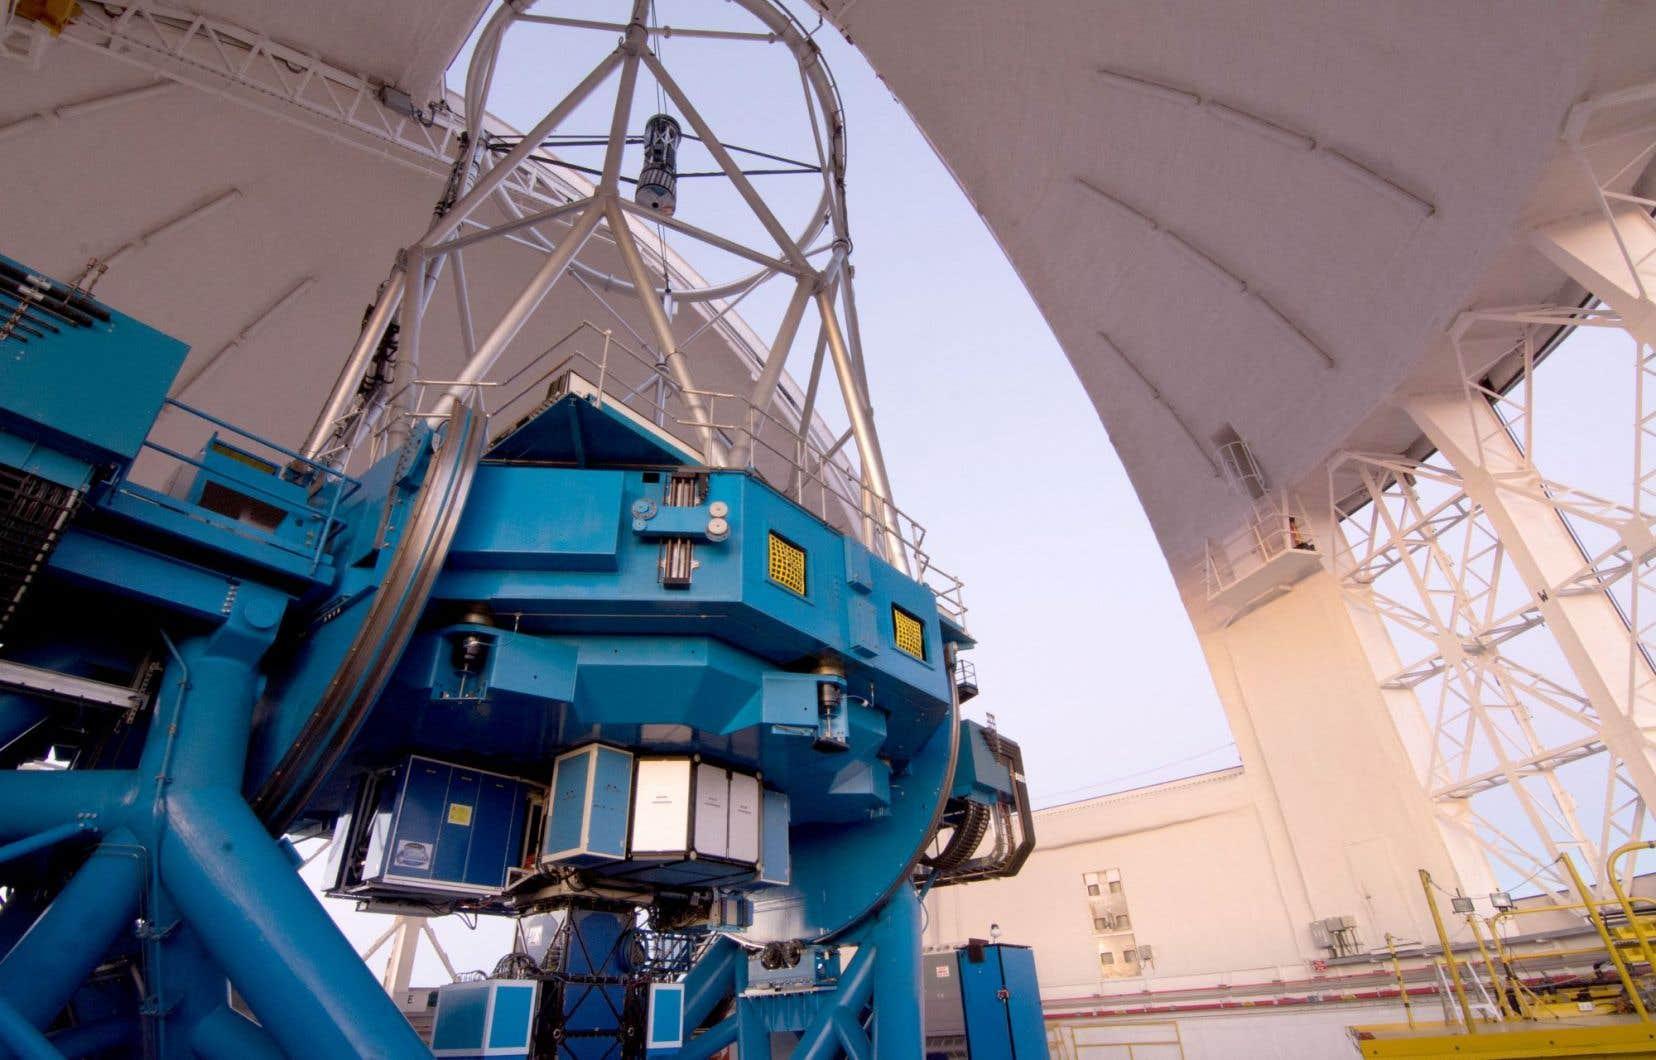 Le Gemini Planet Imager monté sur le télescope Gemini Sud a permis d'apercevoir l'exoplanète 51 Eridani b, qui est située à une centaine d'années-lumière de nous.